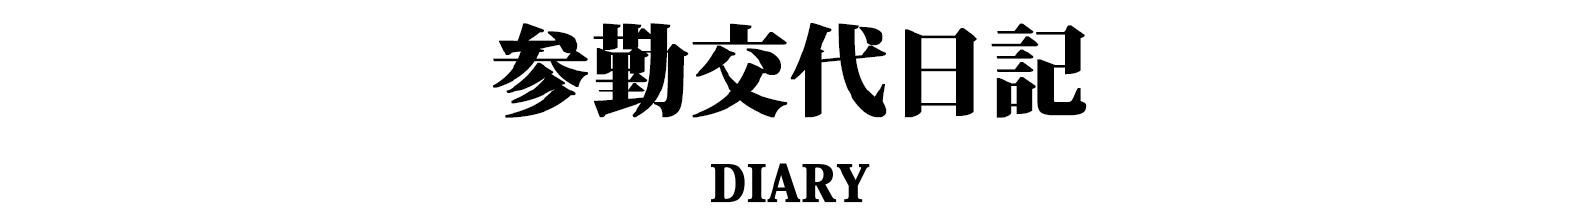 参勤交代日記